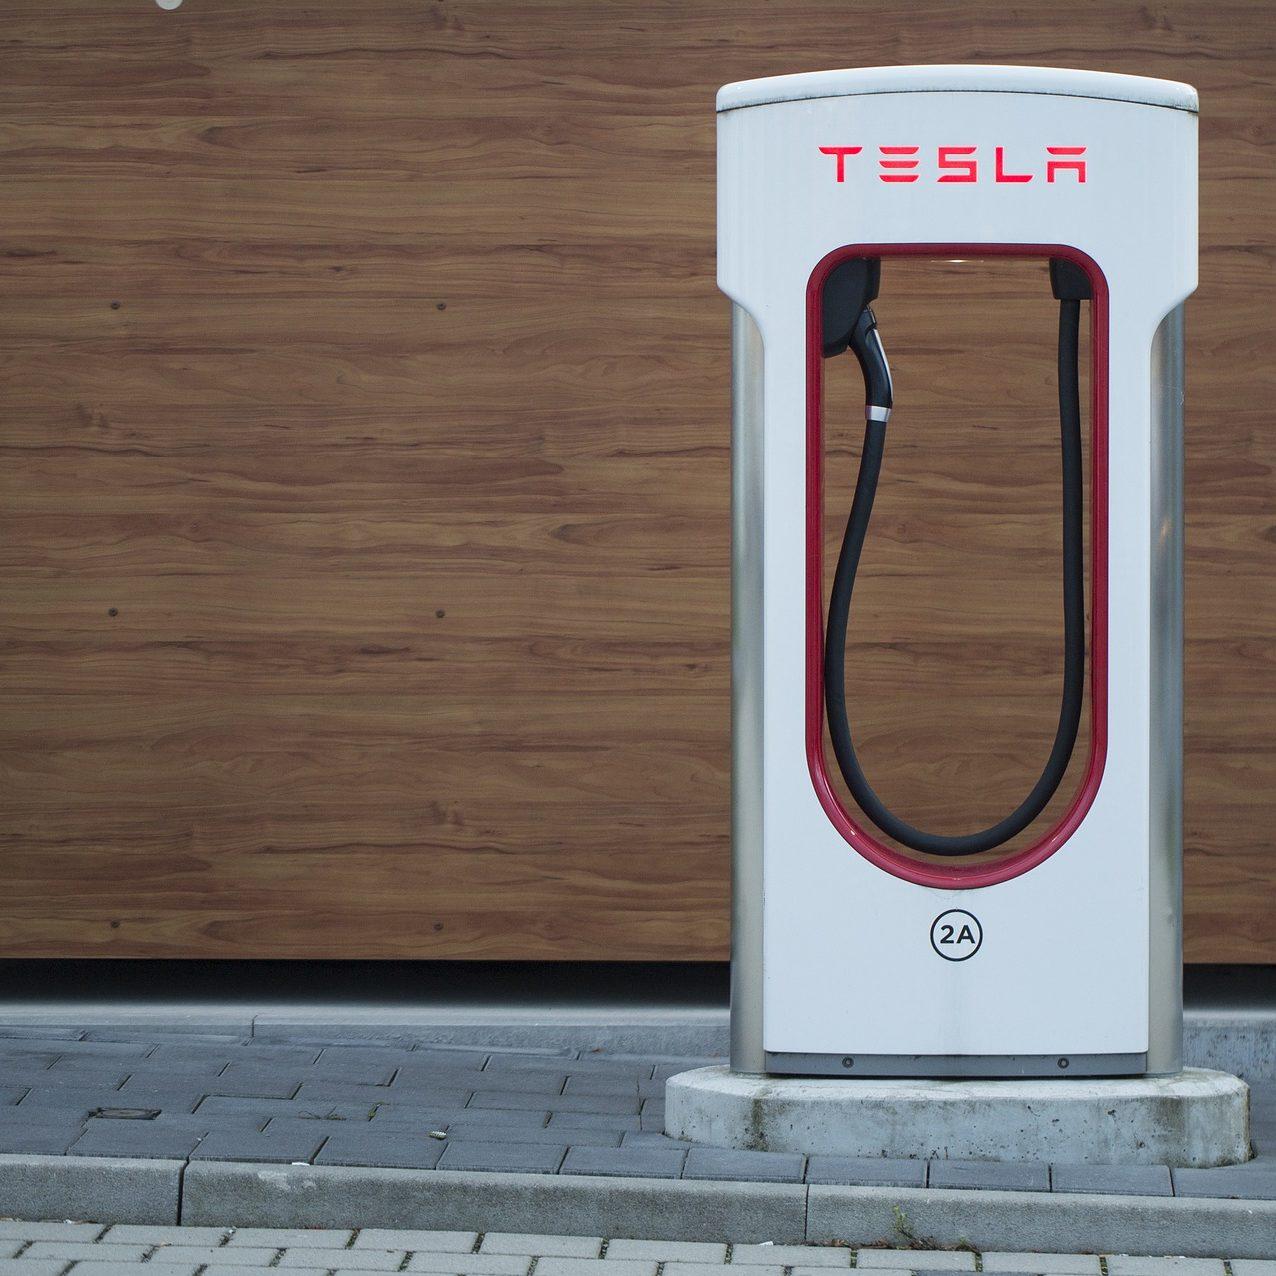 Mehr als zehntausend Tesla-Supercharger